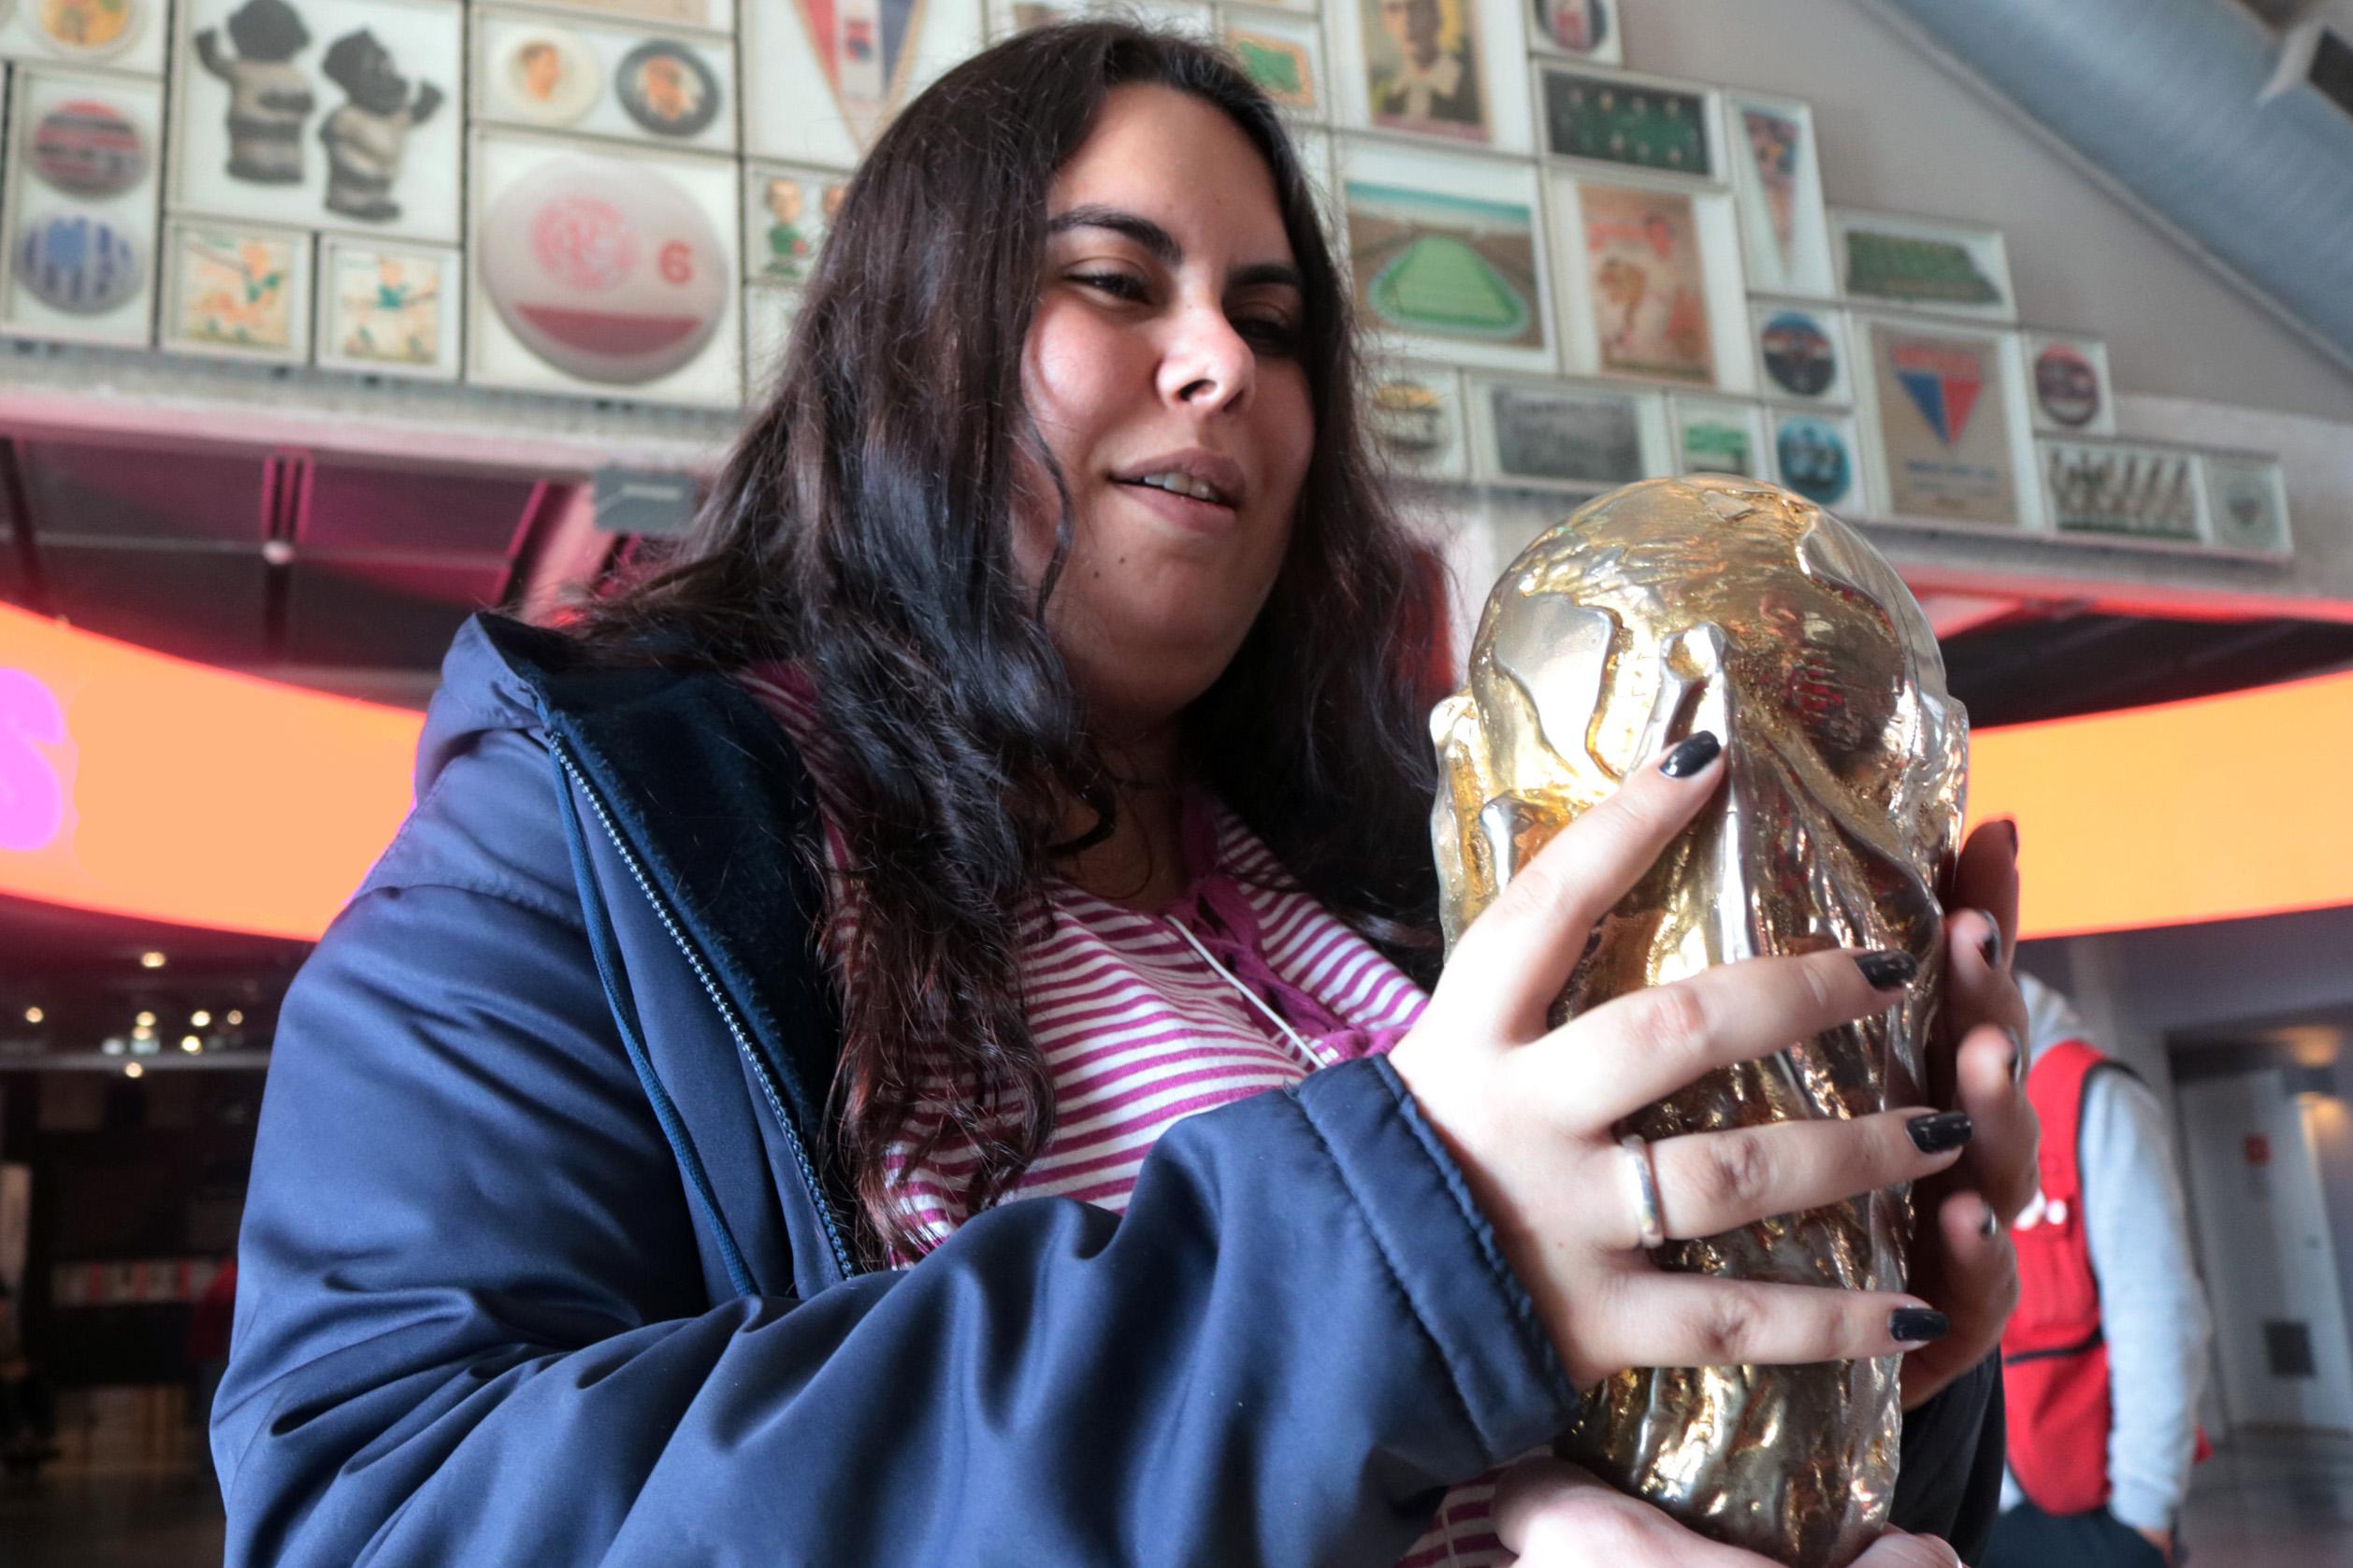 Descrição da imagem: foto de Carla segurando a réplica do troféu da Copa do Mundo. Ao fundo há inúmeros quadros com escudos de times, flâmulas e itens de colecionador relacionados ao futebol.